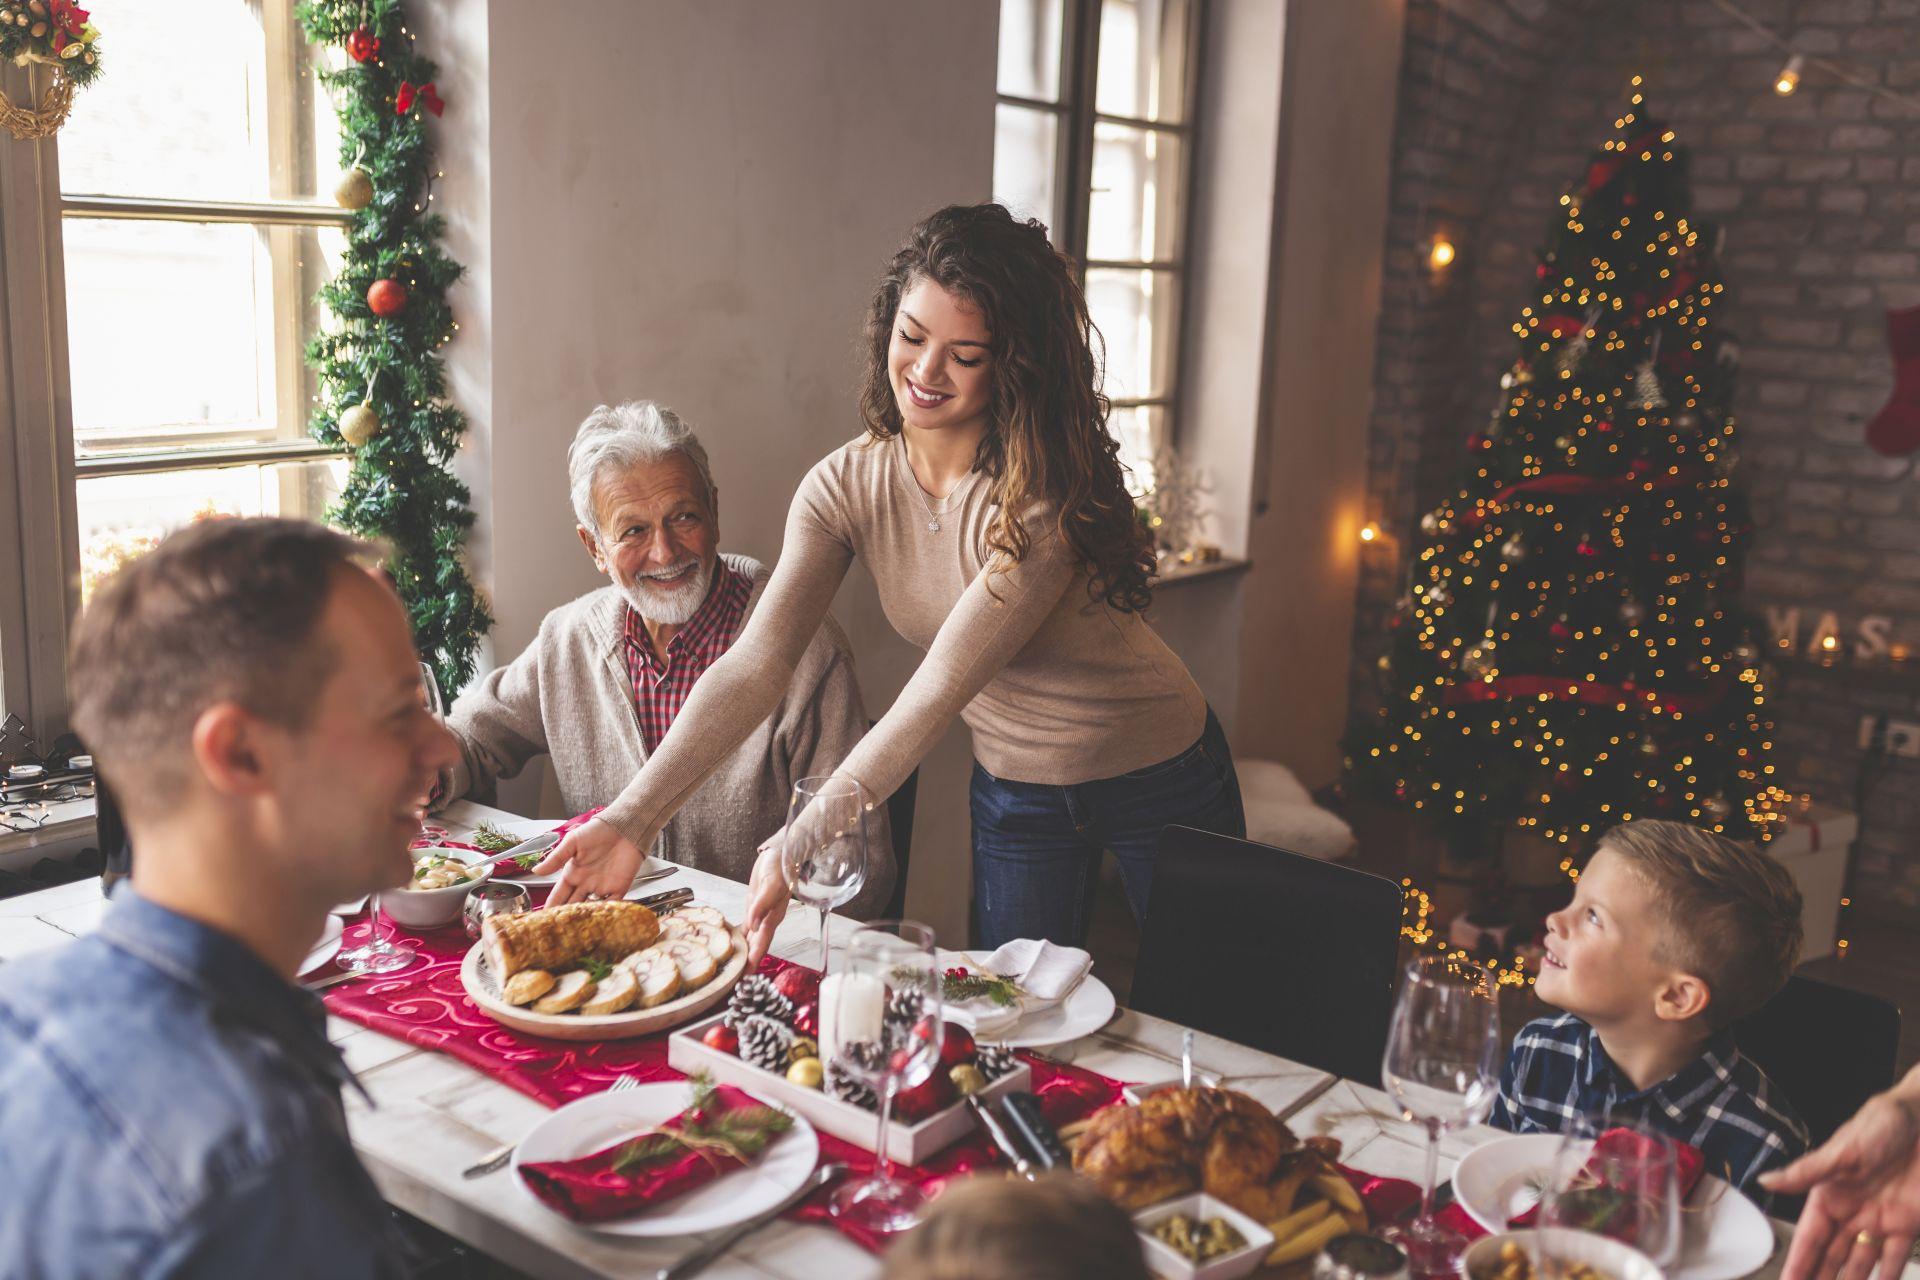 Nasza dieta jest zbyt tłusta, zawiera za dużo soli i cukru - tradycyjne potrawy wigilijne nie muszą być ciężkostrawne! Zmień składniki na zdrowe odpowiedniki i zadbaj o cholesterol!